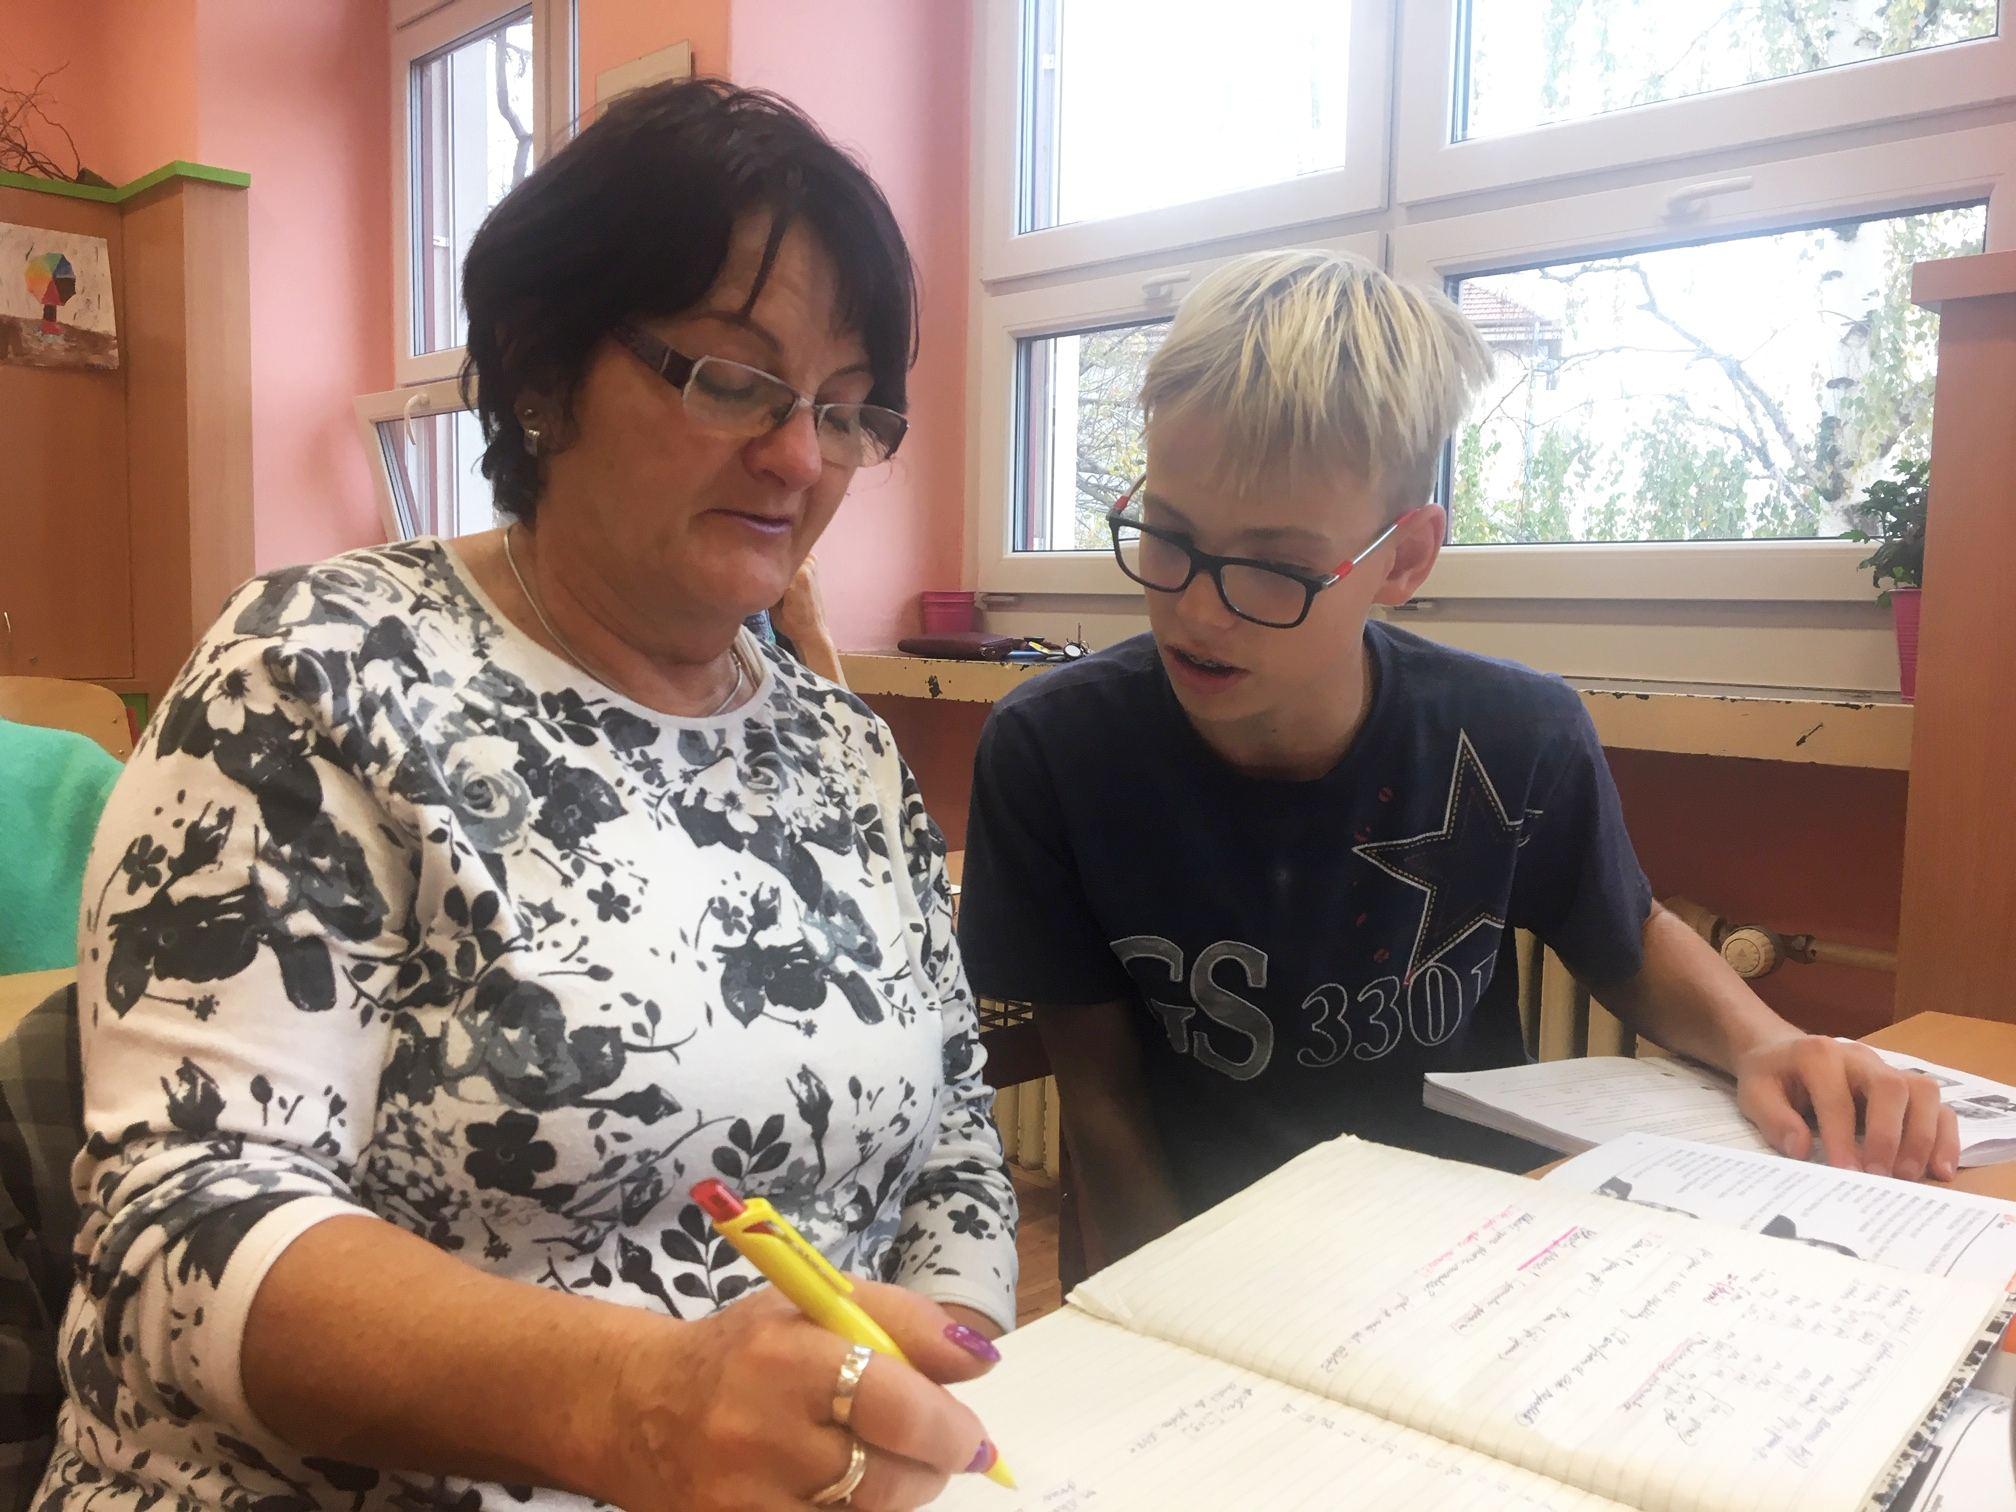 Děti baví učit seniory angličtinu. A ti jsou za to opravdu vděční